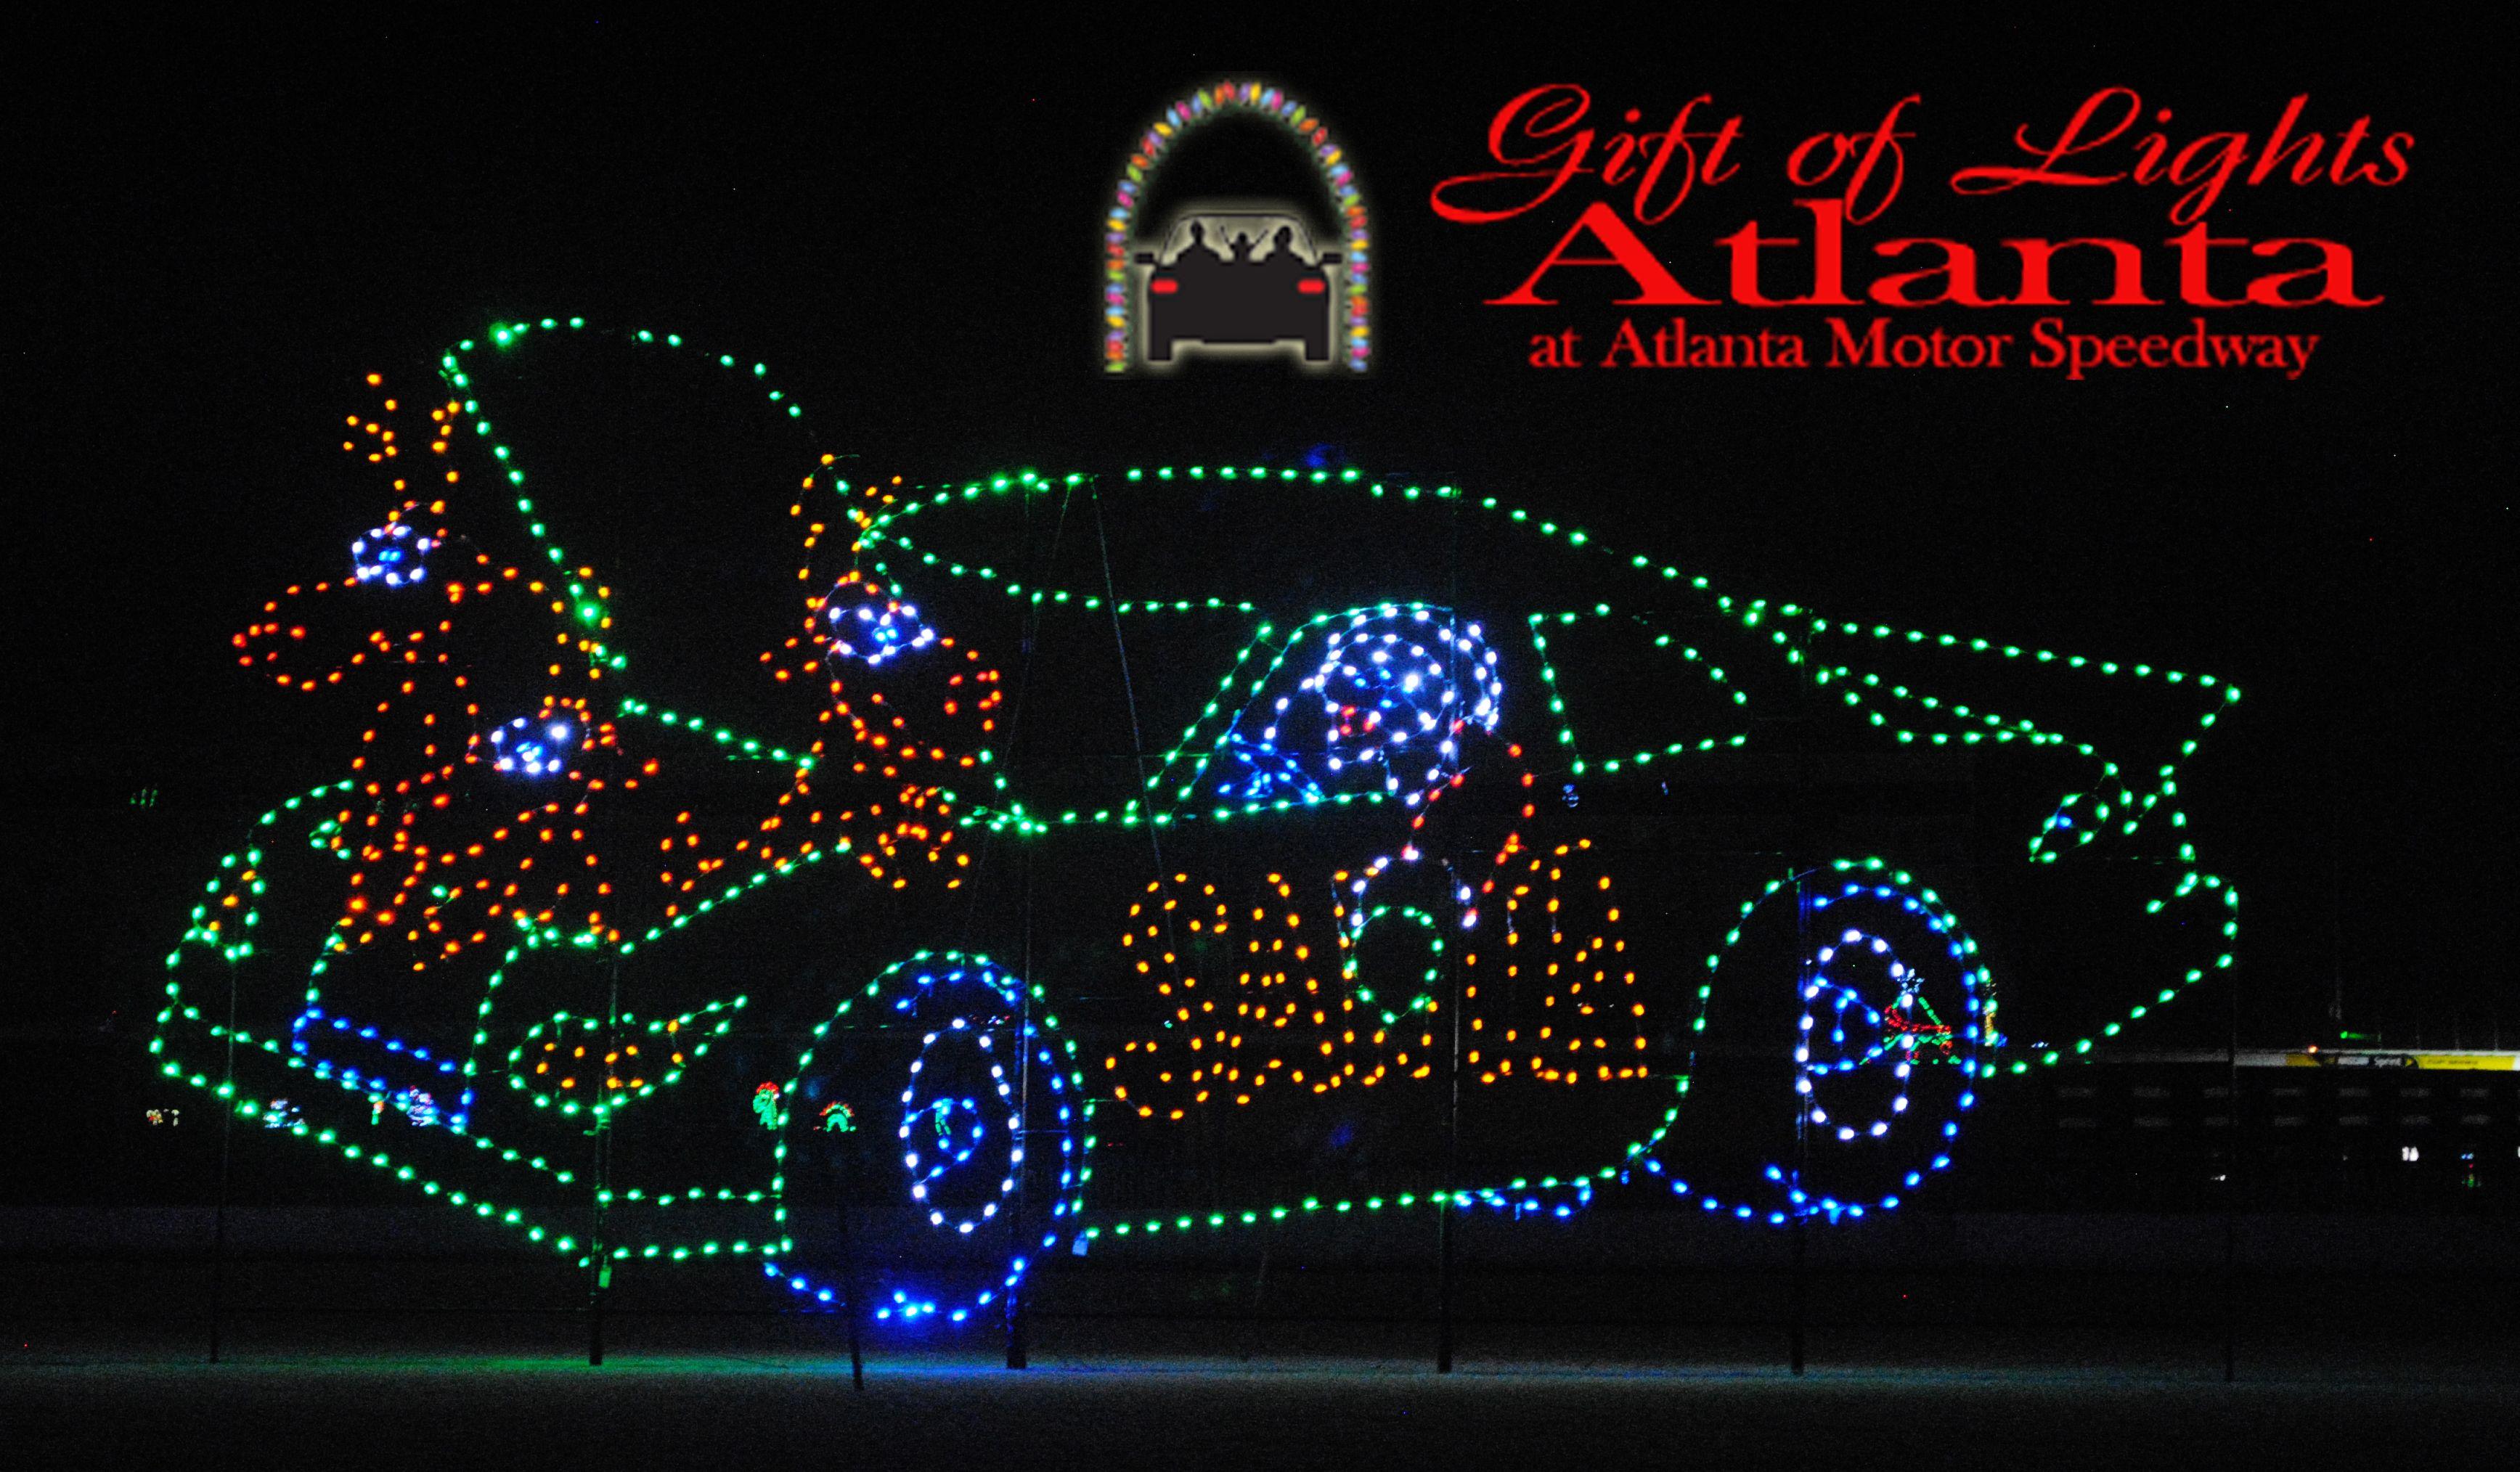 Atlanta Motor Speedway Christmas Lights - Christmas Decor and Lights